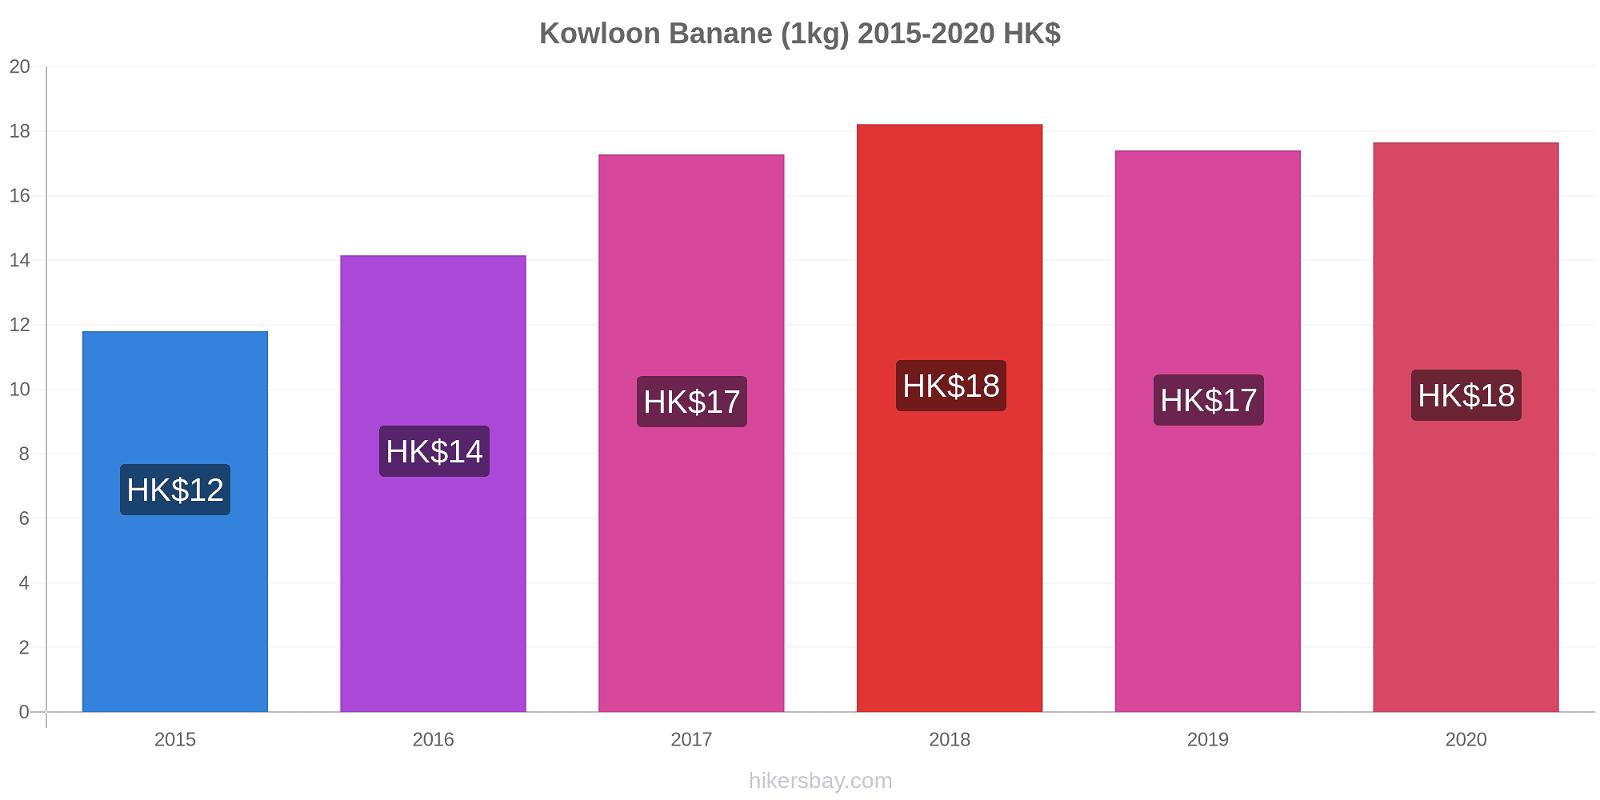 Kowloon variazioni di prezzo Banana (1kg) hikersbay.com